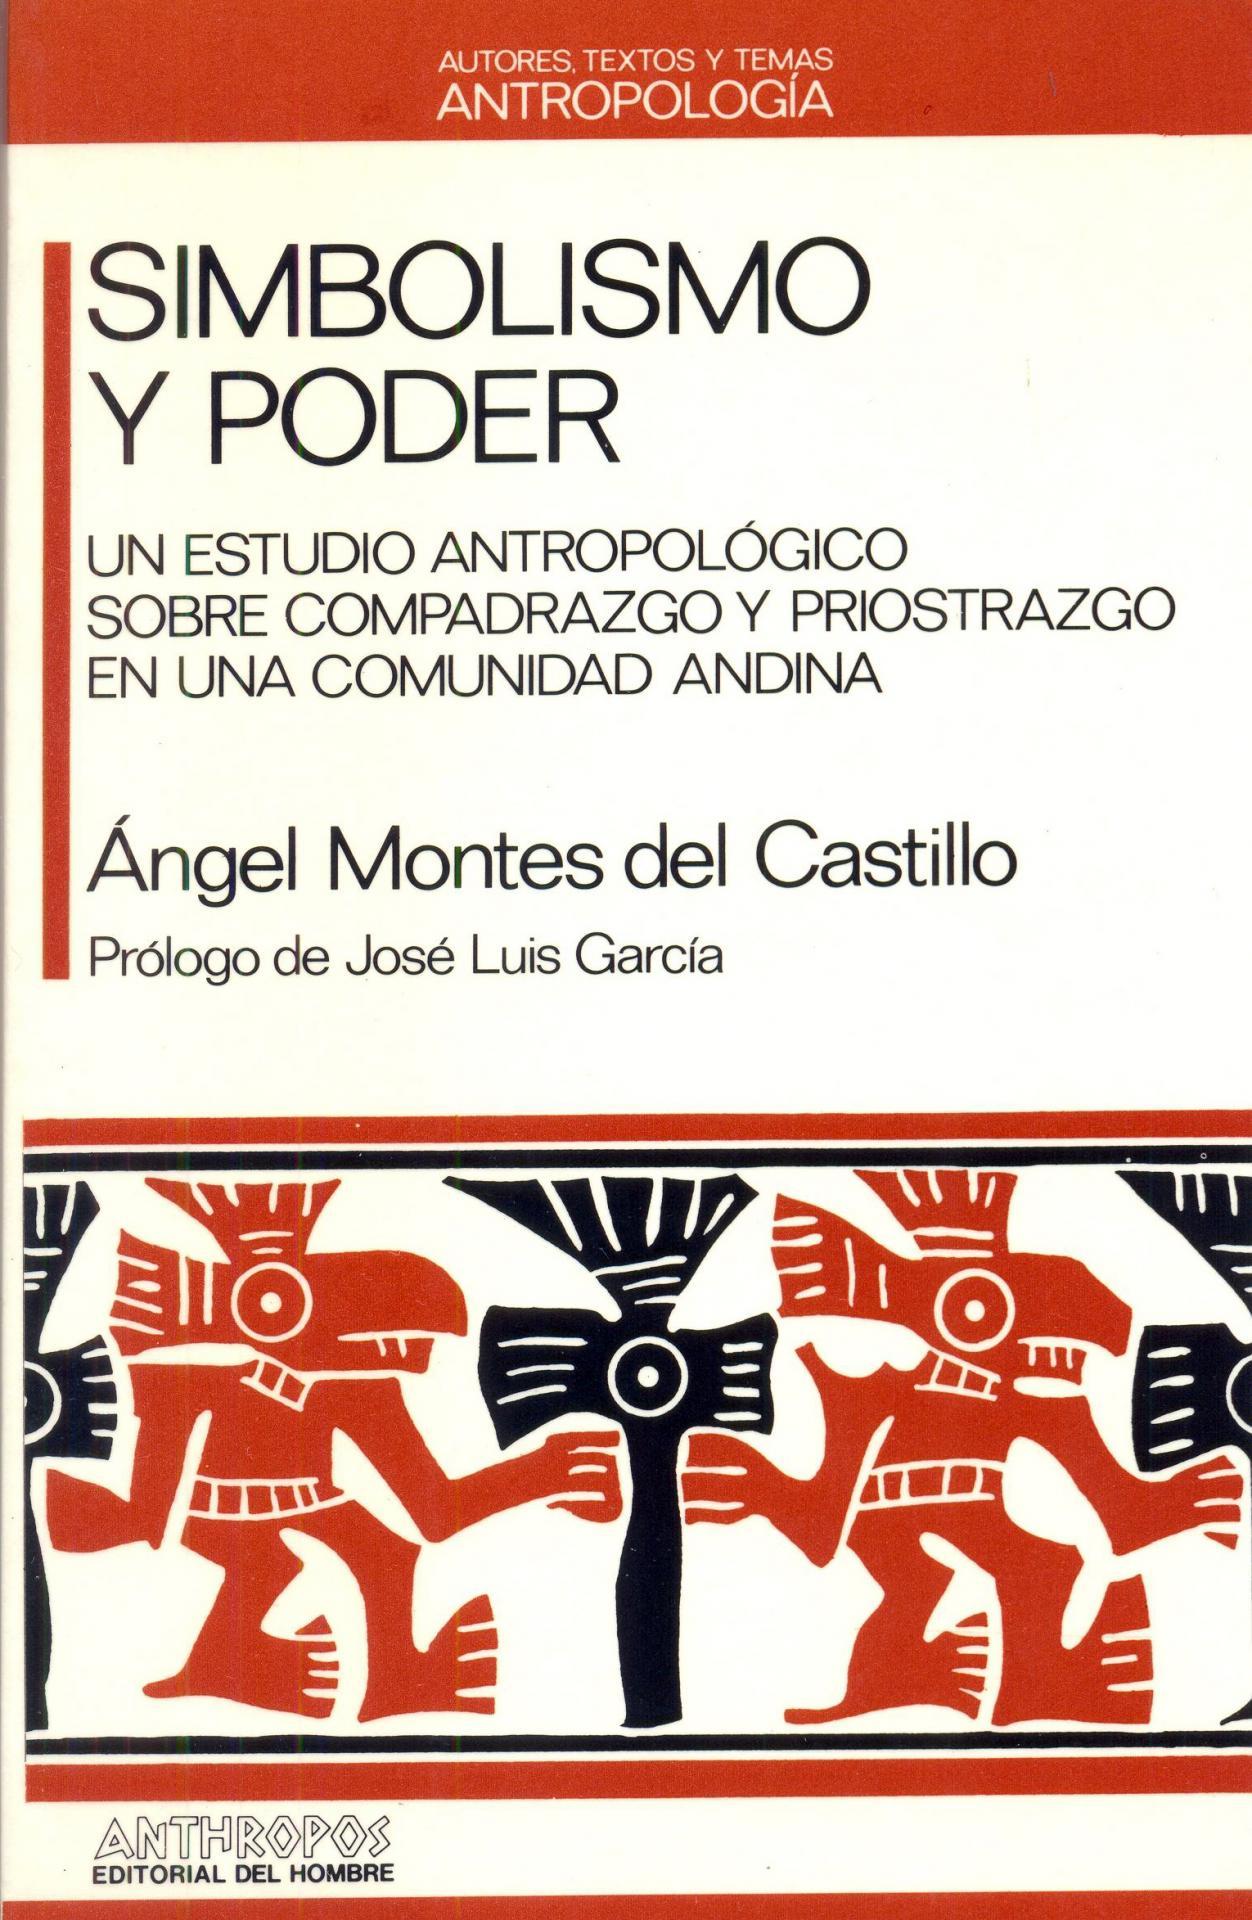 SIMBOLISMO Y PODER. Un estudio antropológico sobre compadrazgo y priostrazgo en una comunidad andina. Montes del Castillo, A.